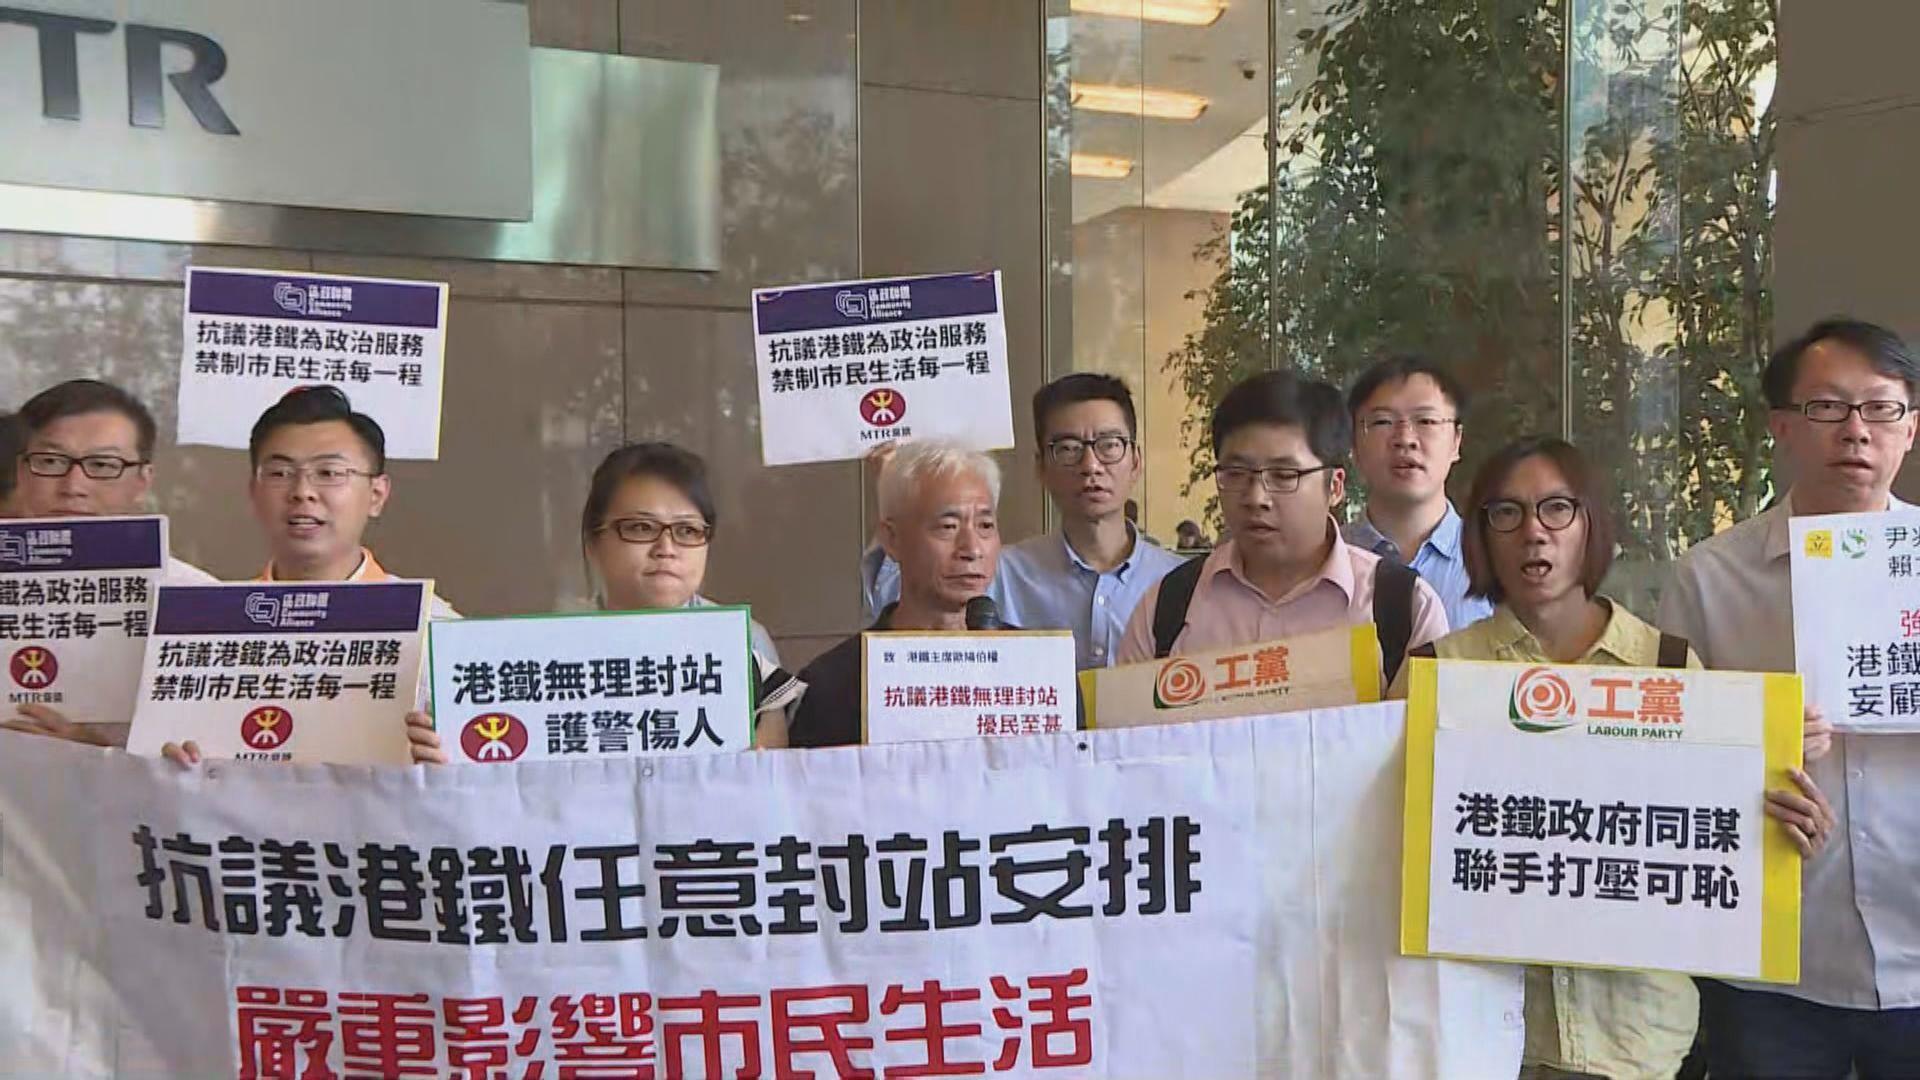 政黨請願不滿港鐵關閉車站影響居民生活